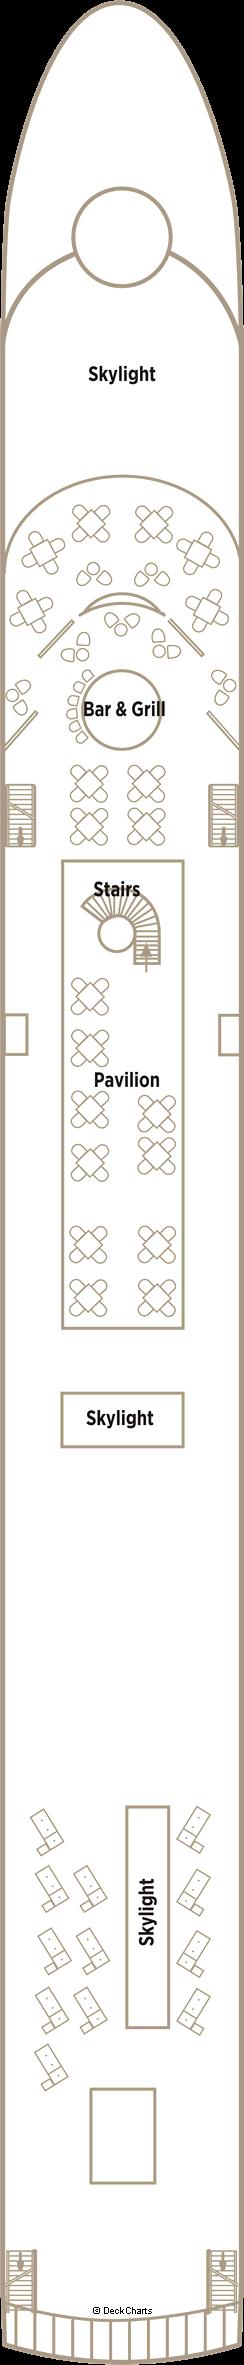 Crystal Ravel: Vista Deck